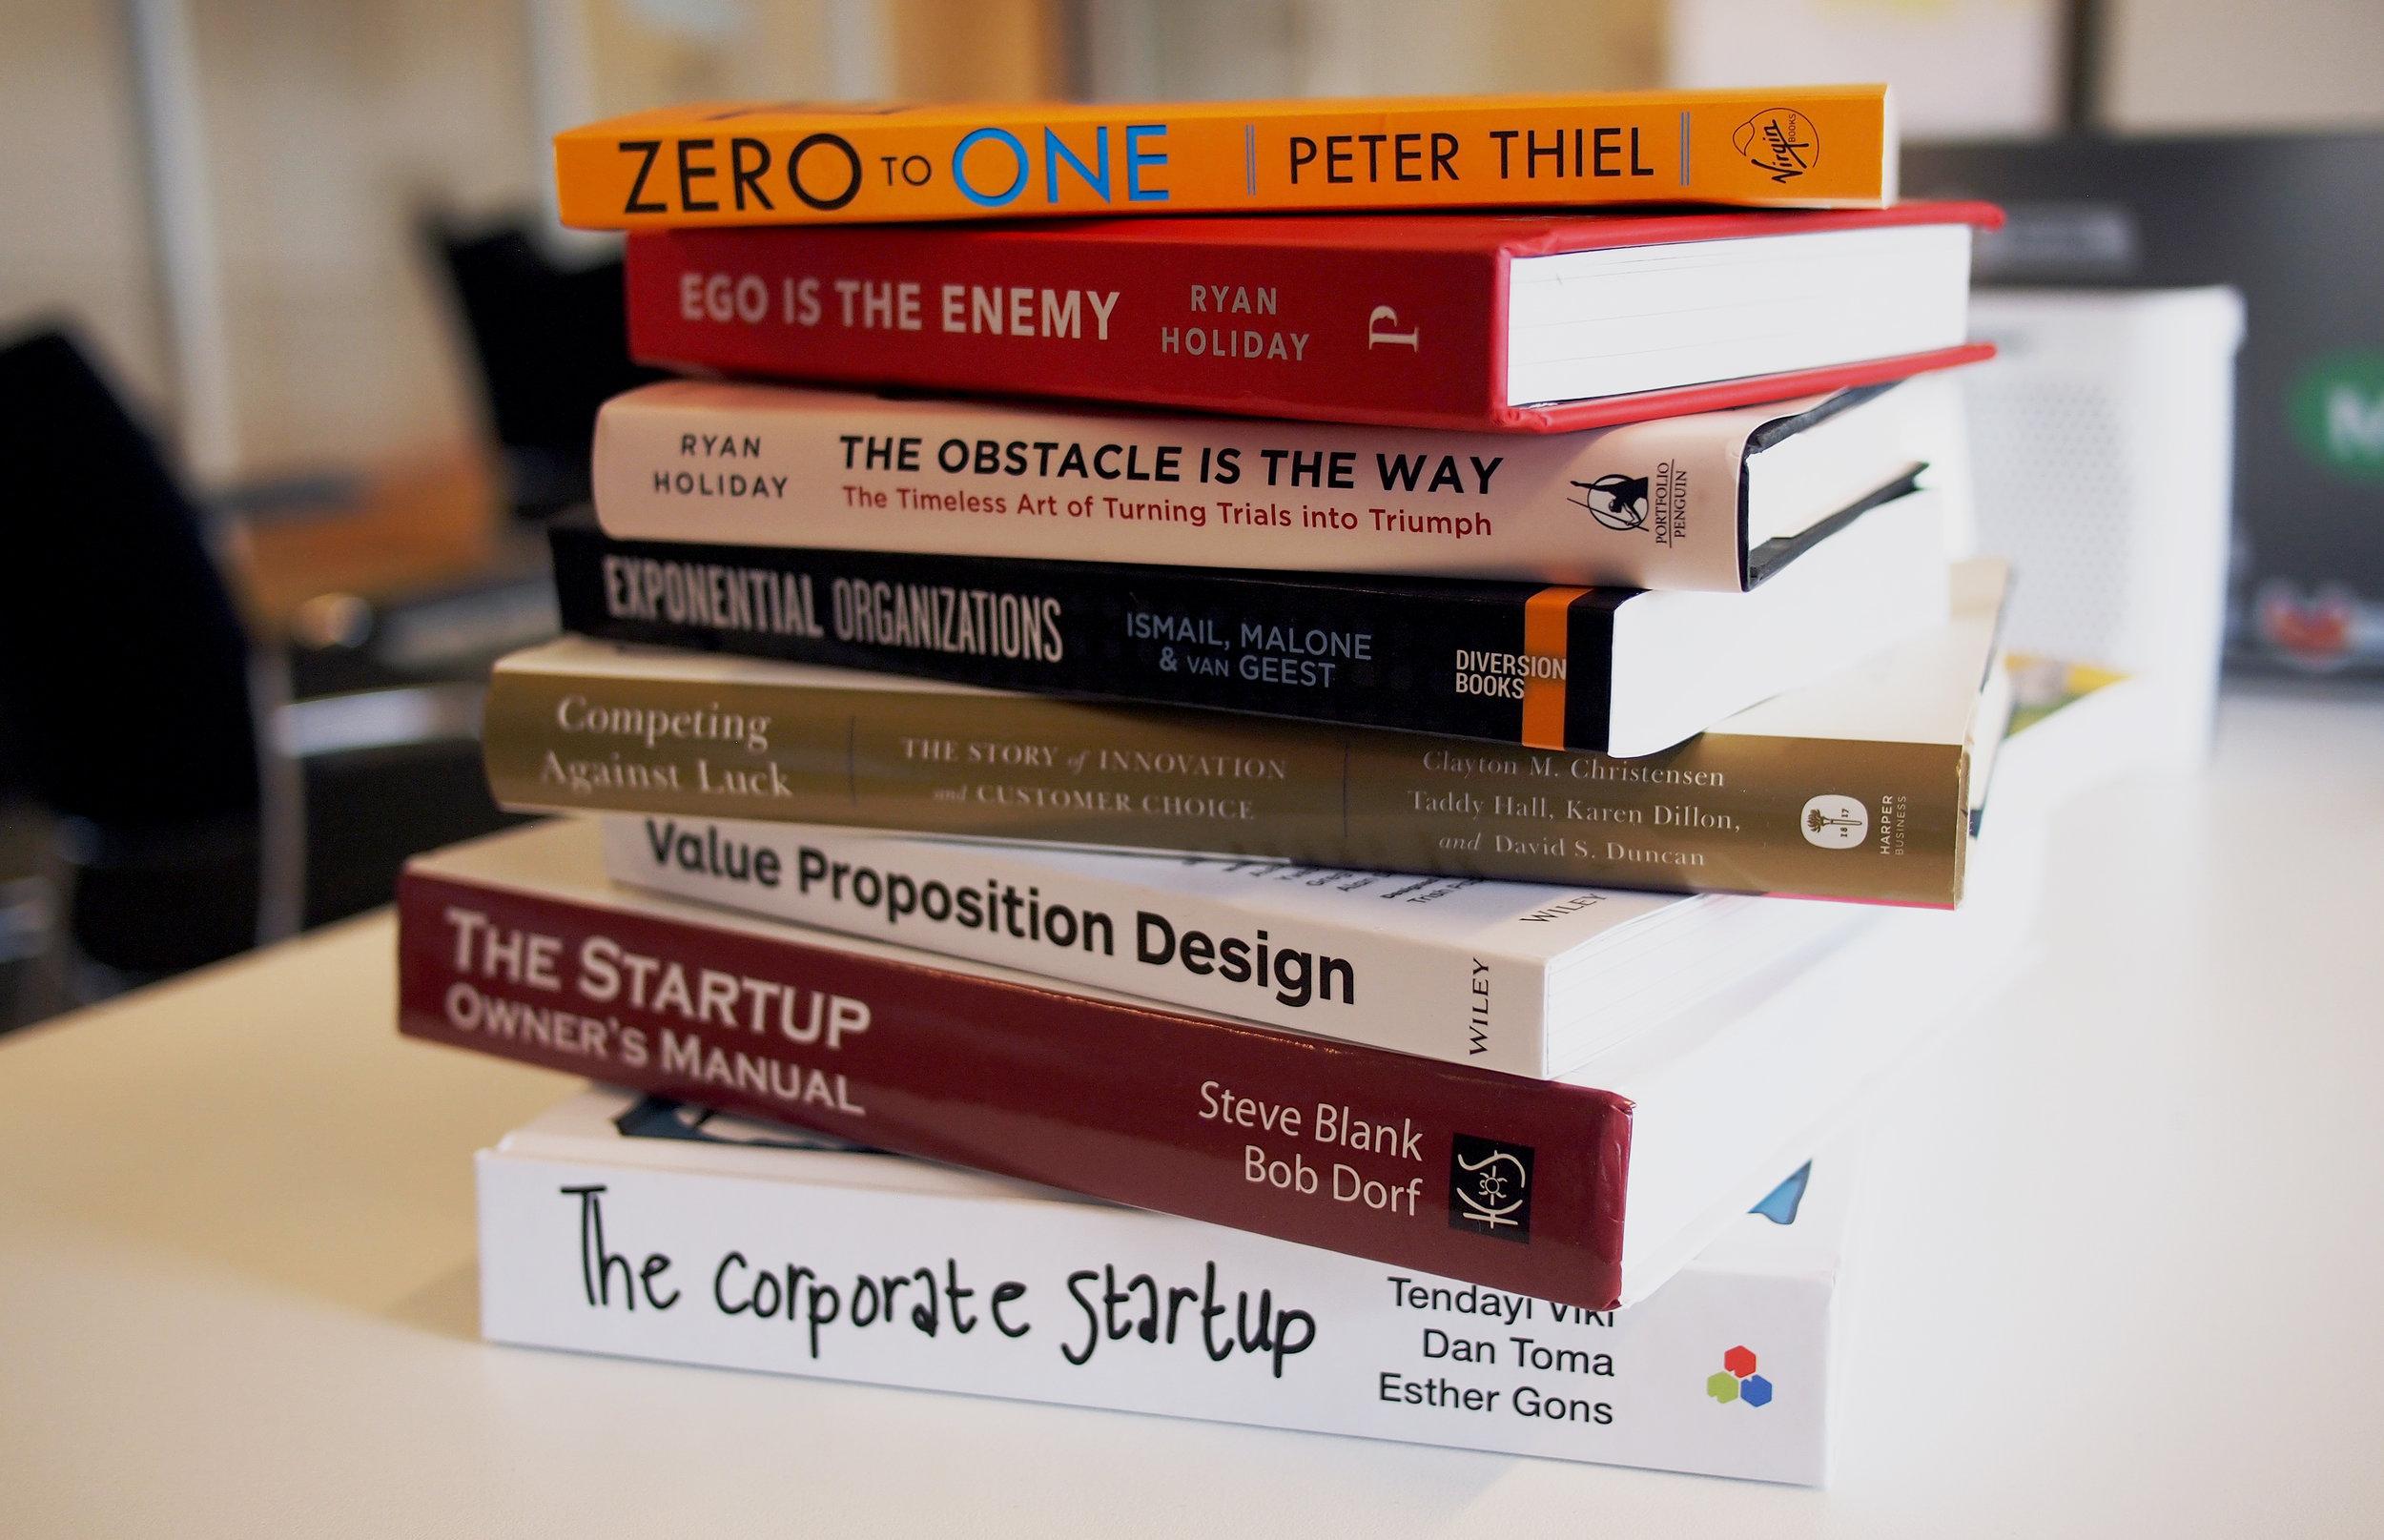 10 książek, po które warto sięgnąć w tym roku